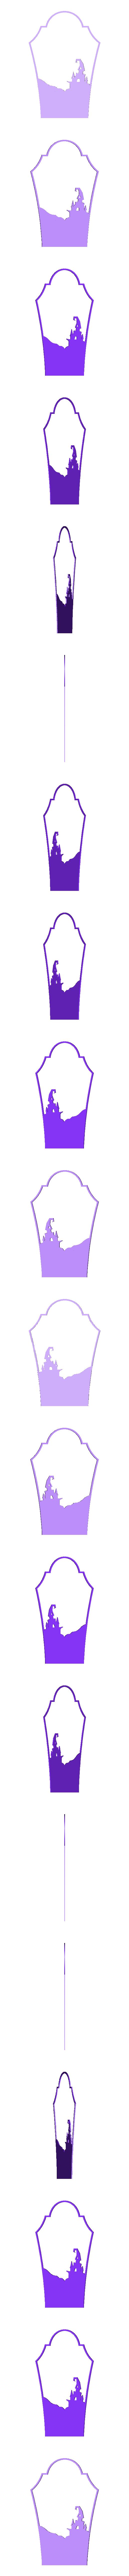 Layer_2_CASTLE.stl Descargar archivo STL gratis HALLOWEEN Profundidad Silueta Lápida • Diseño para impresión en 3D, Grafit